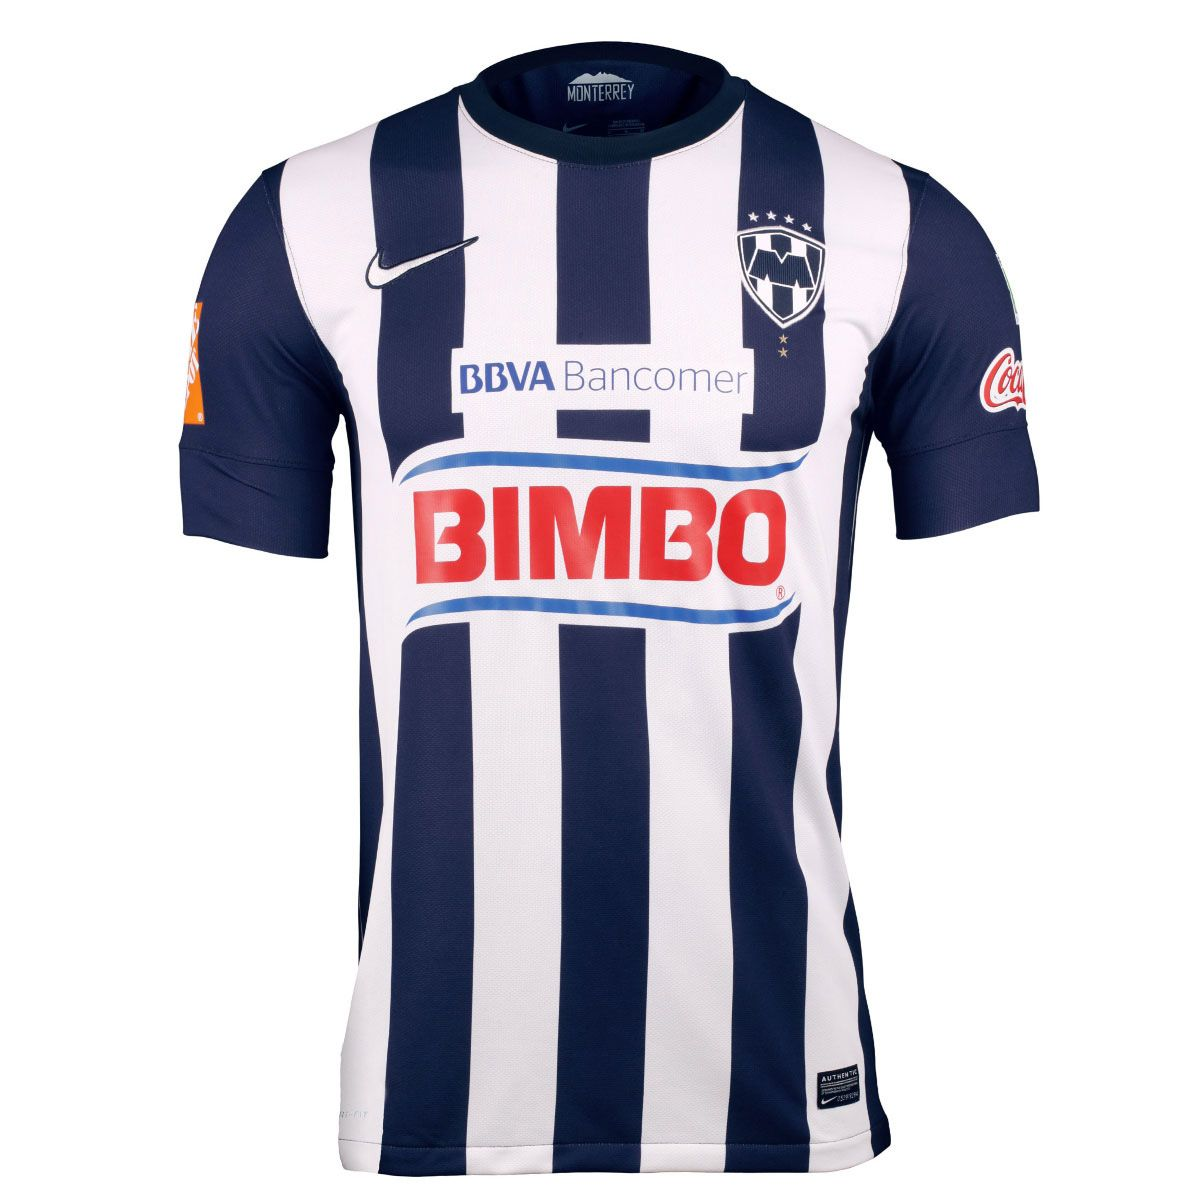 Jersey Nike Monterrey Casa 12 13  e448c2a901ad1